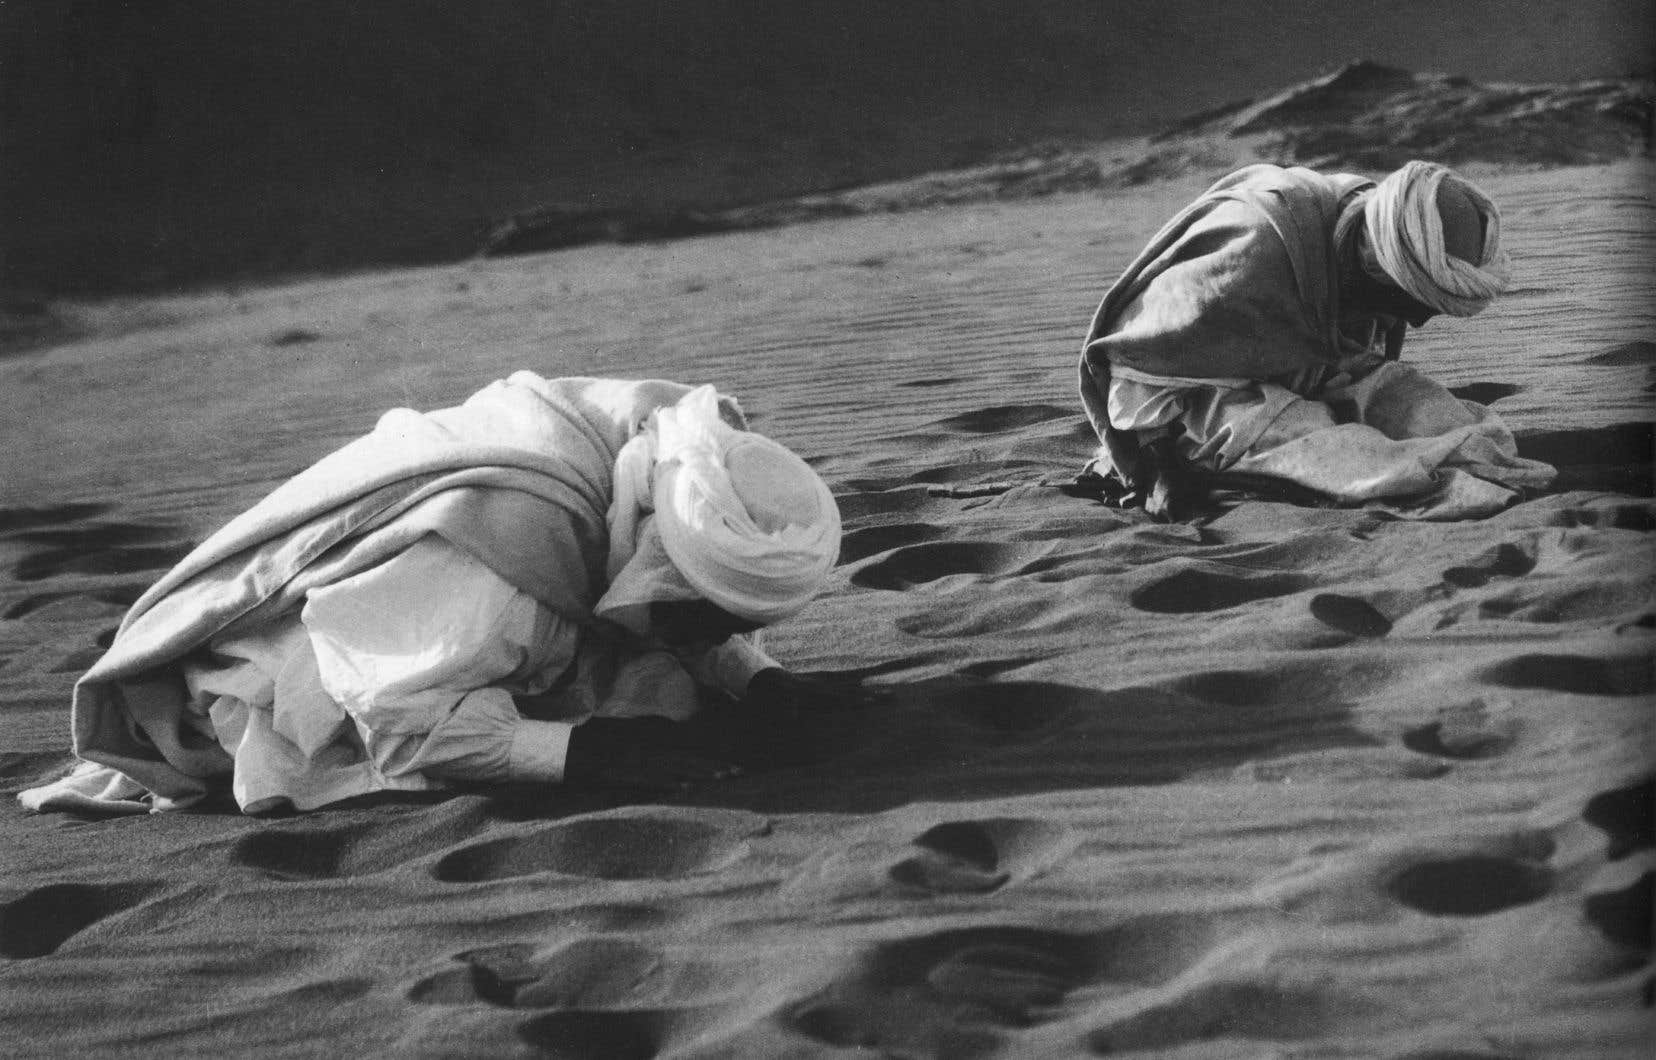 Tournés vers la Kaâba, deux hommes prient dans le désert du Sahara, en Algérie. Une image universelle, estime le romancier Tahar Ben Jelloun.